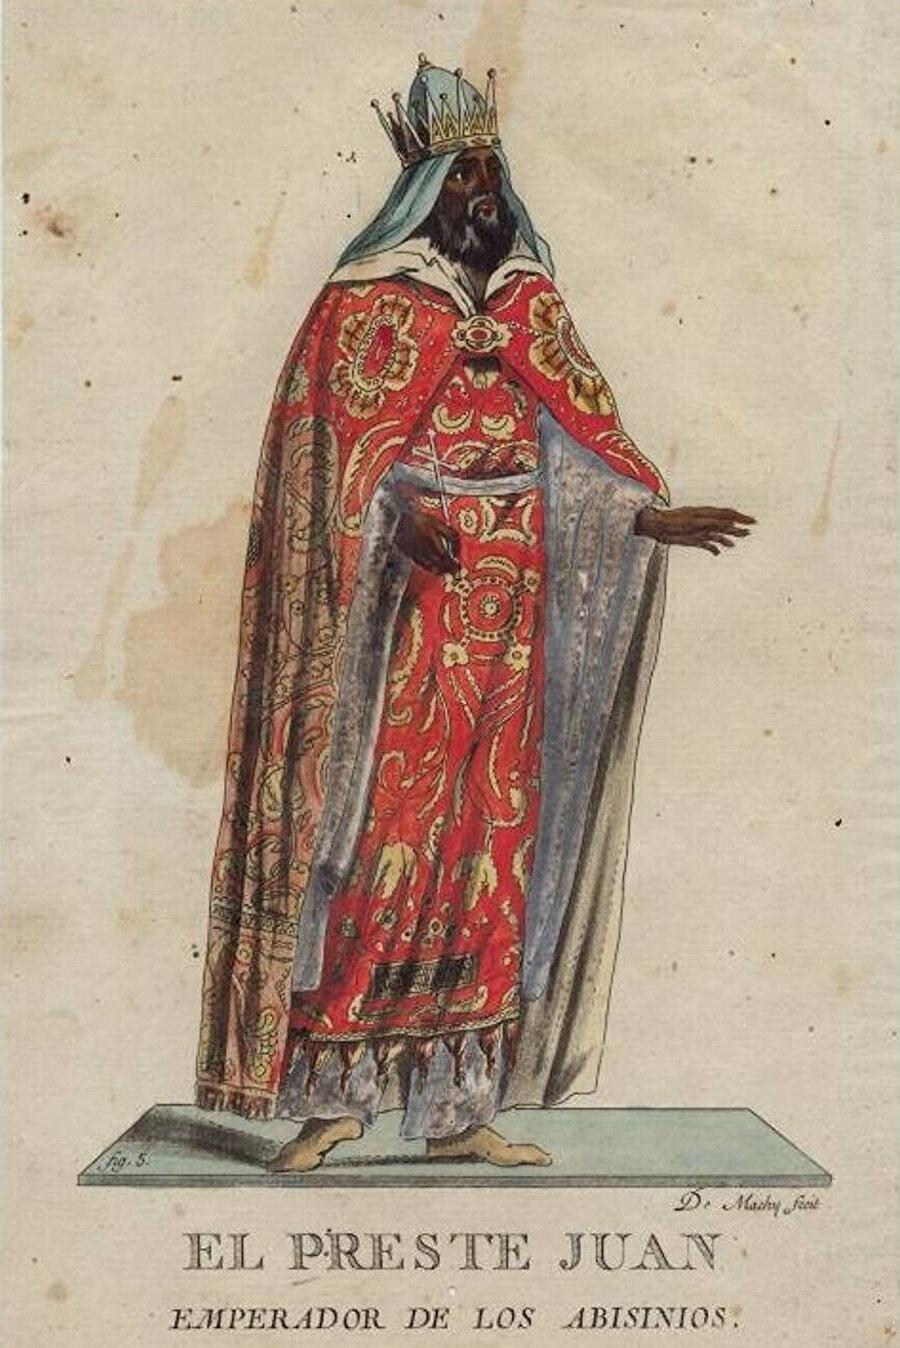 Rahip Kral John'un Habeşistan'ın kralı olduğu iddiası, en çok kabul gören düşünce oldu.